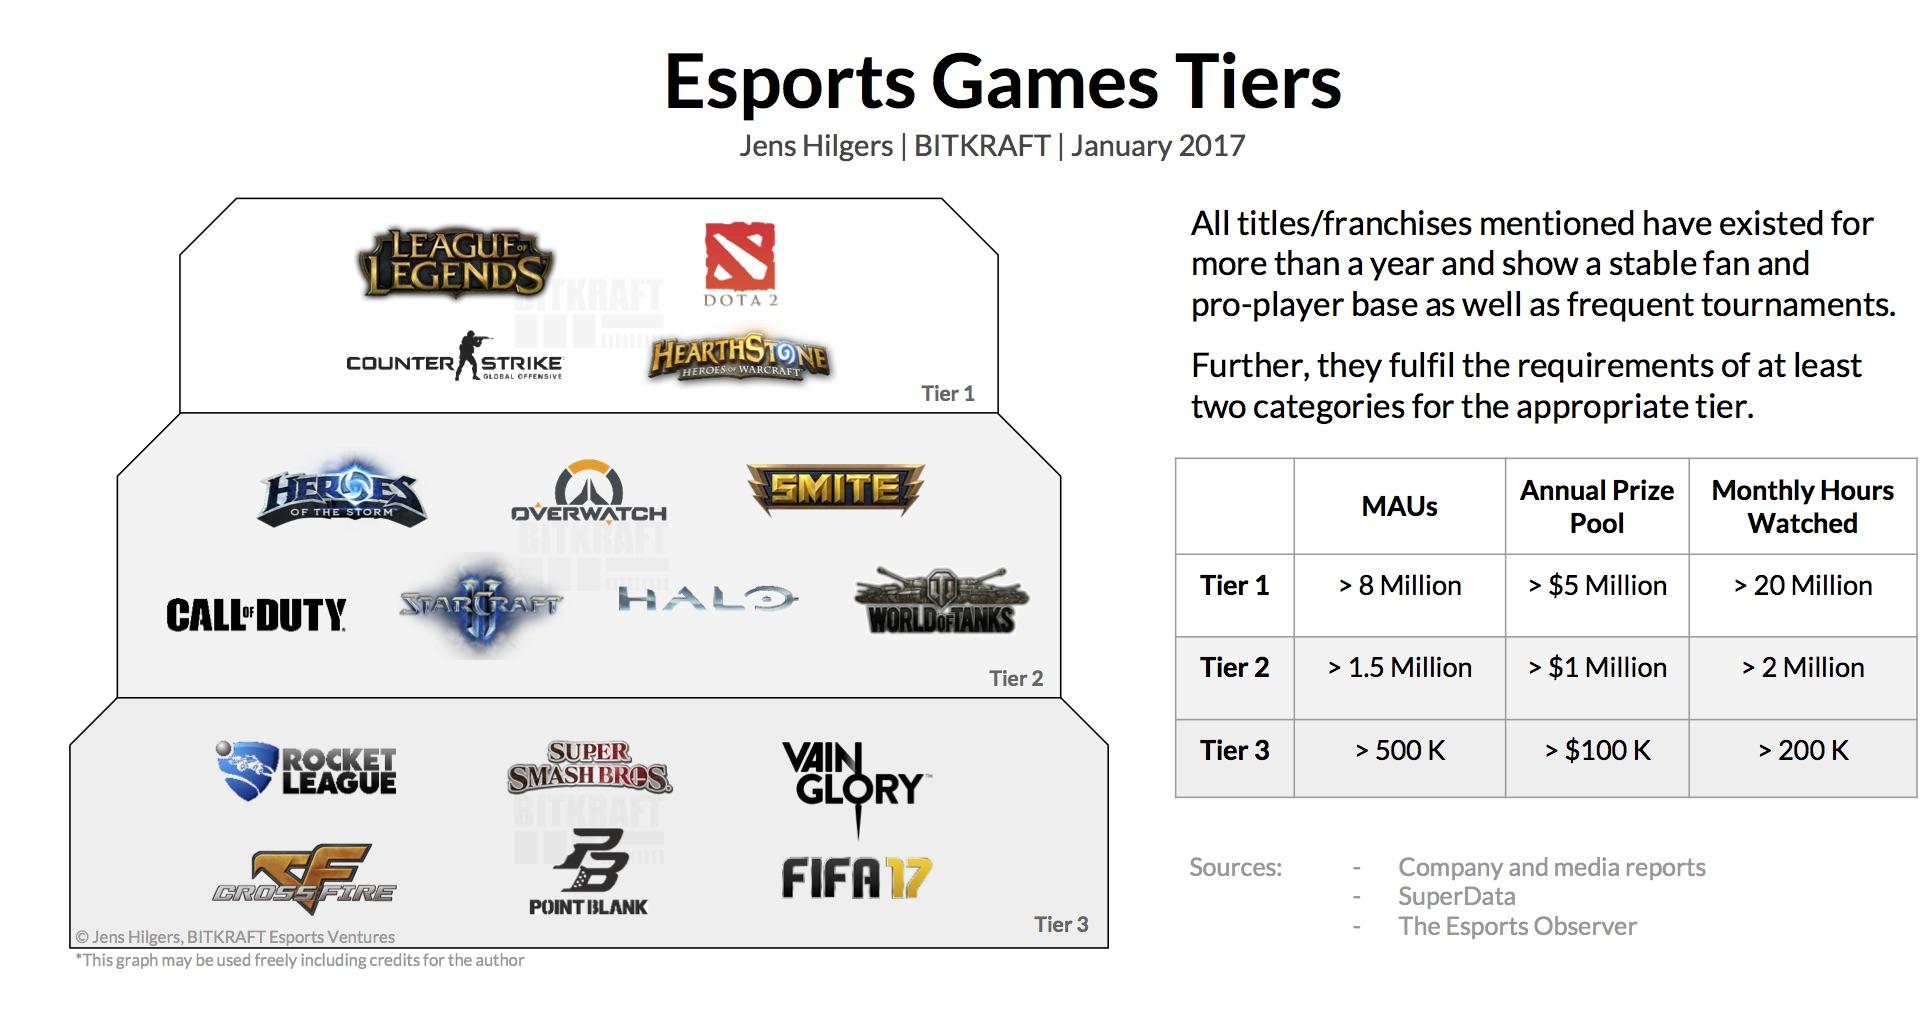 GameTiers_Jan17_Hilgers